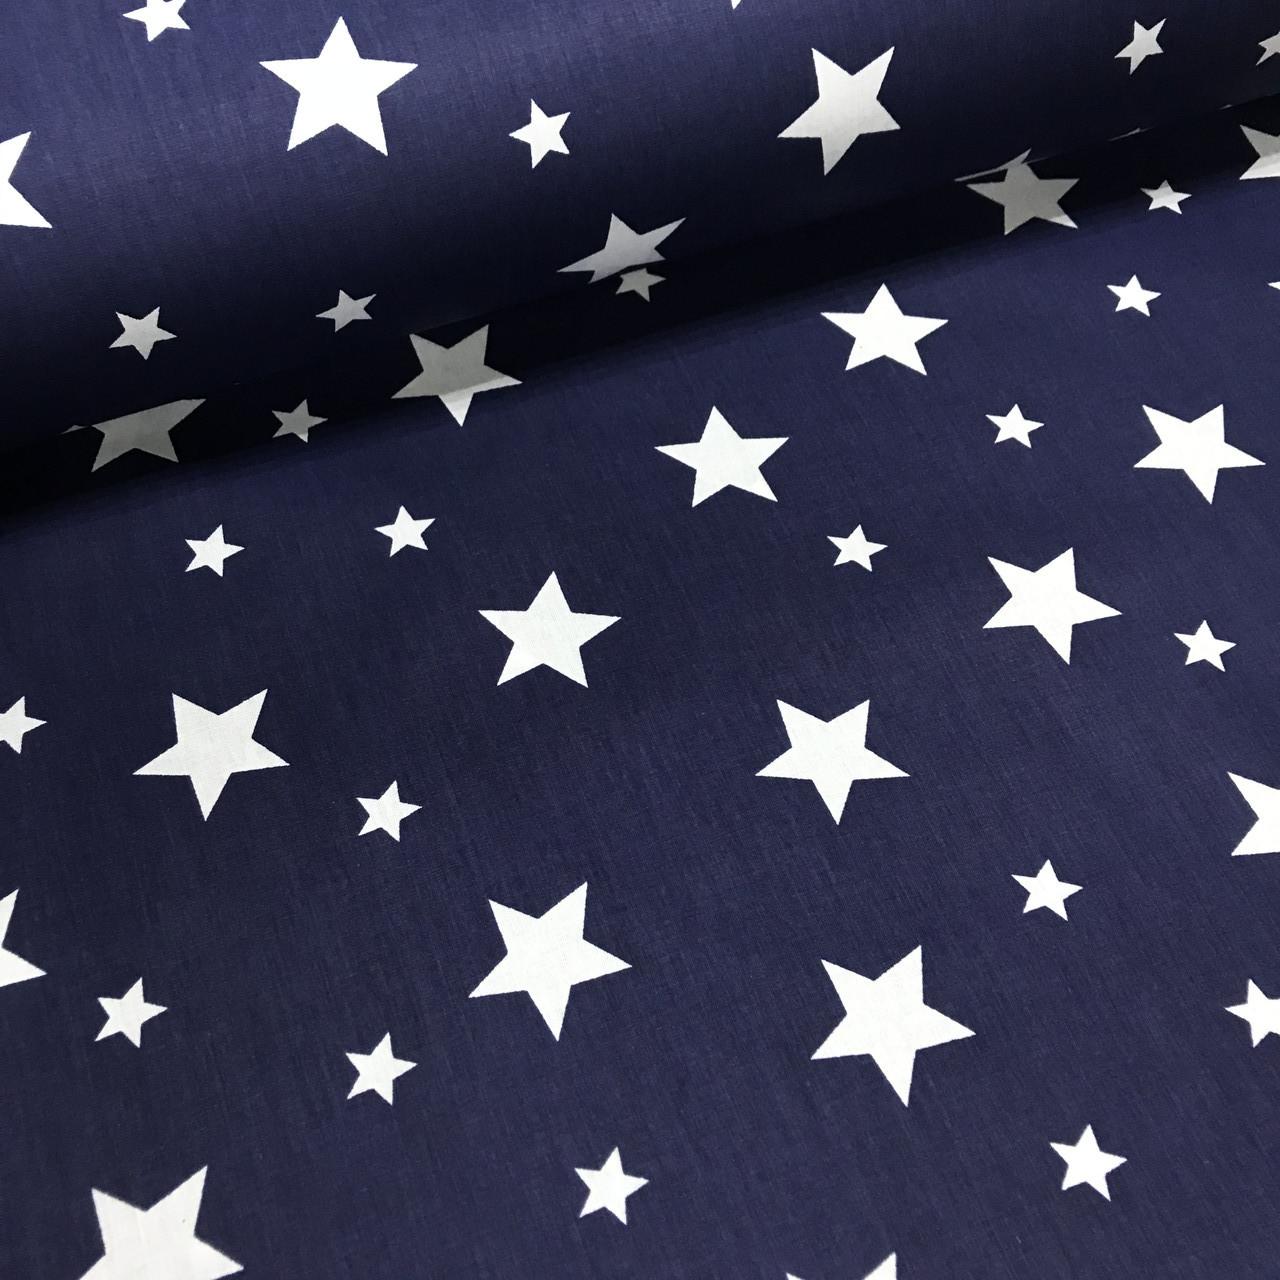 Хлопковая ткань (ТУРЦИЯ шир. 2,4 м) звезды крупные белые на темно-синем большие и маленькие